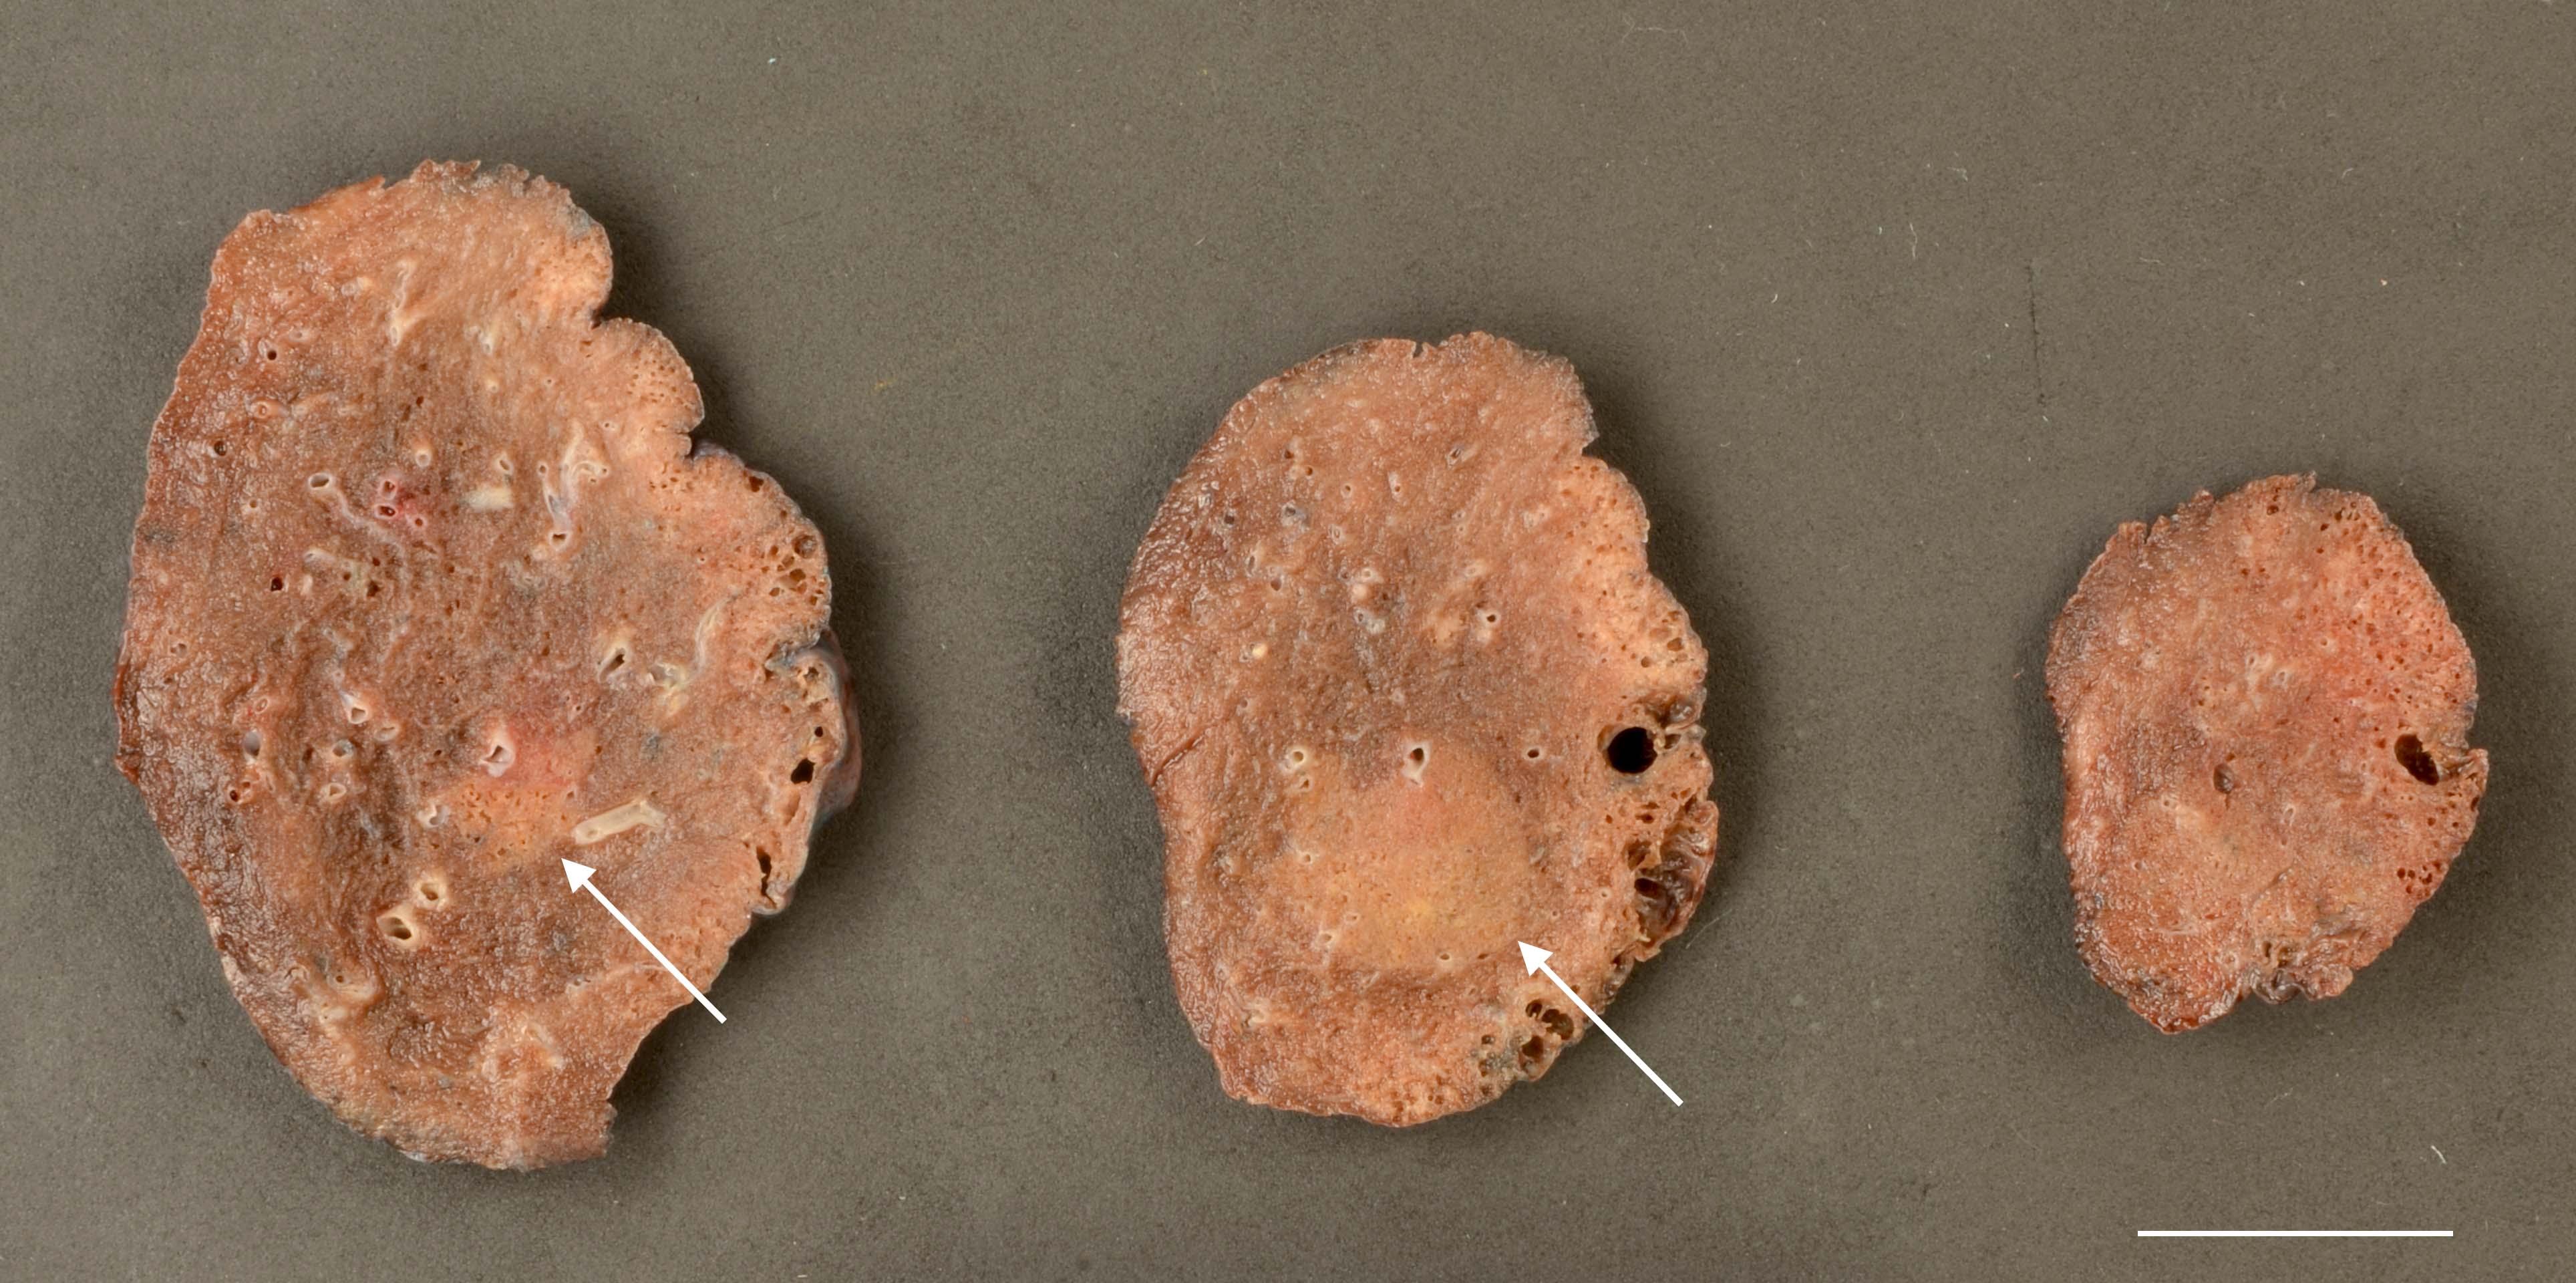 Lobectomy specimen